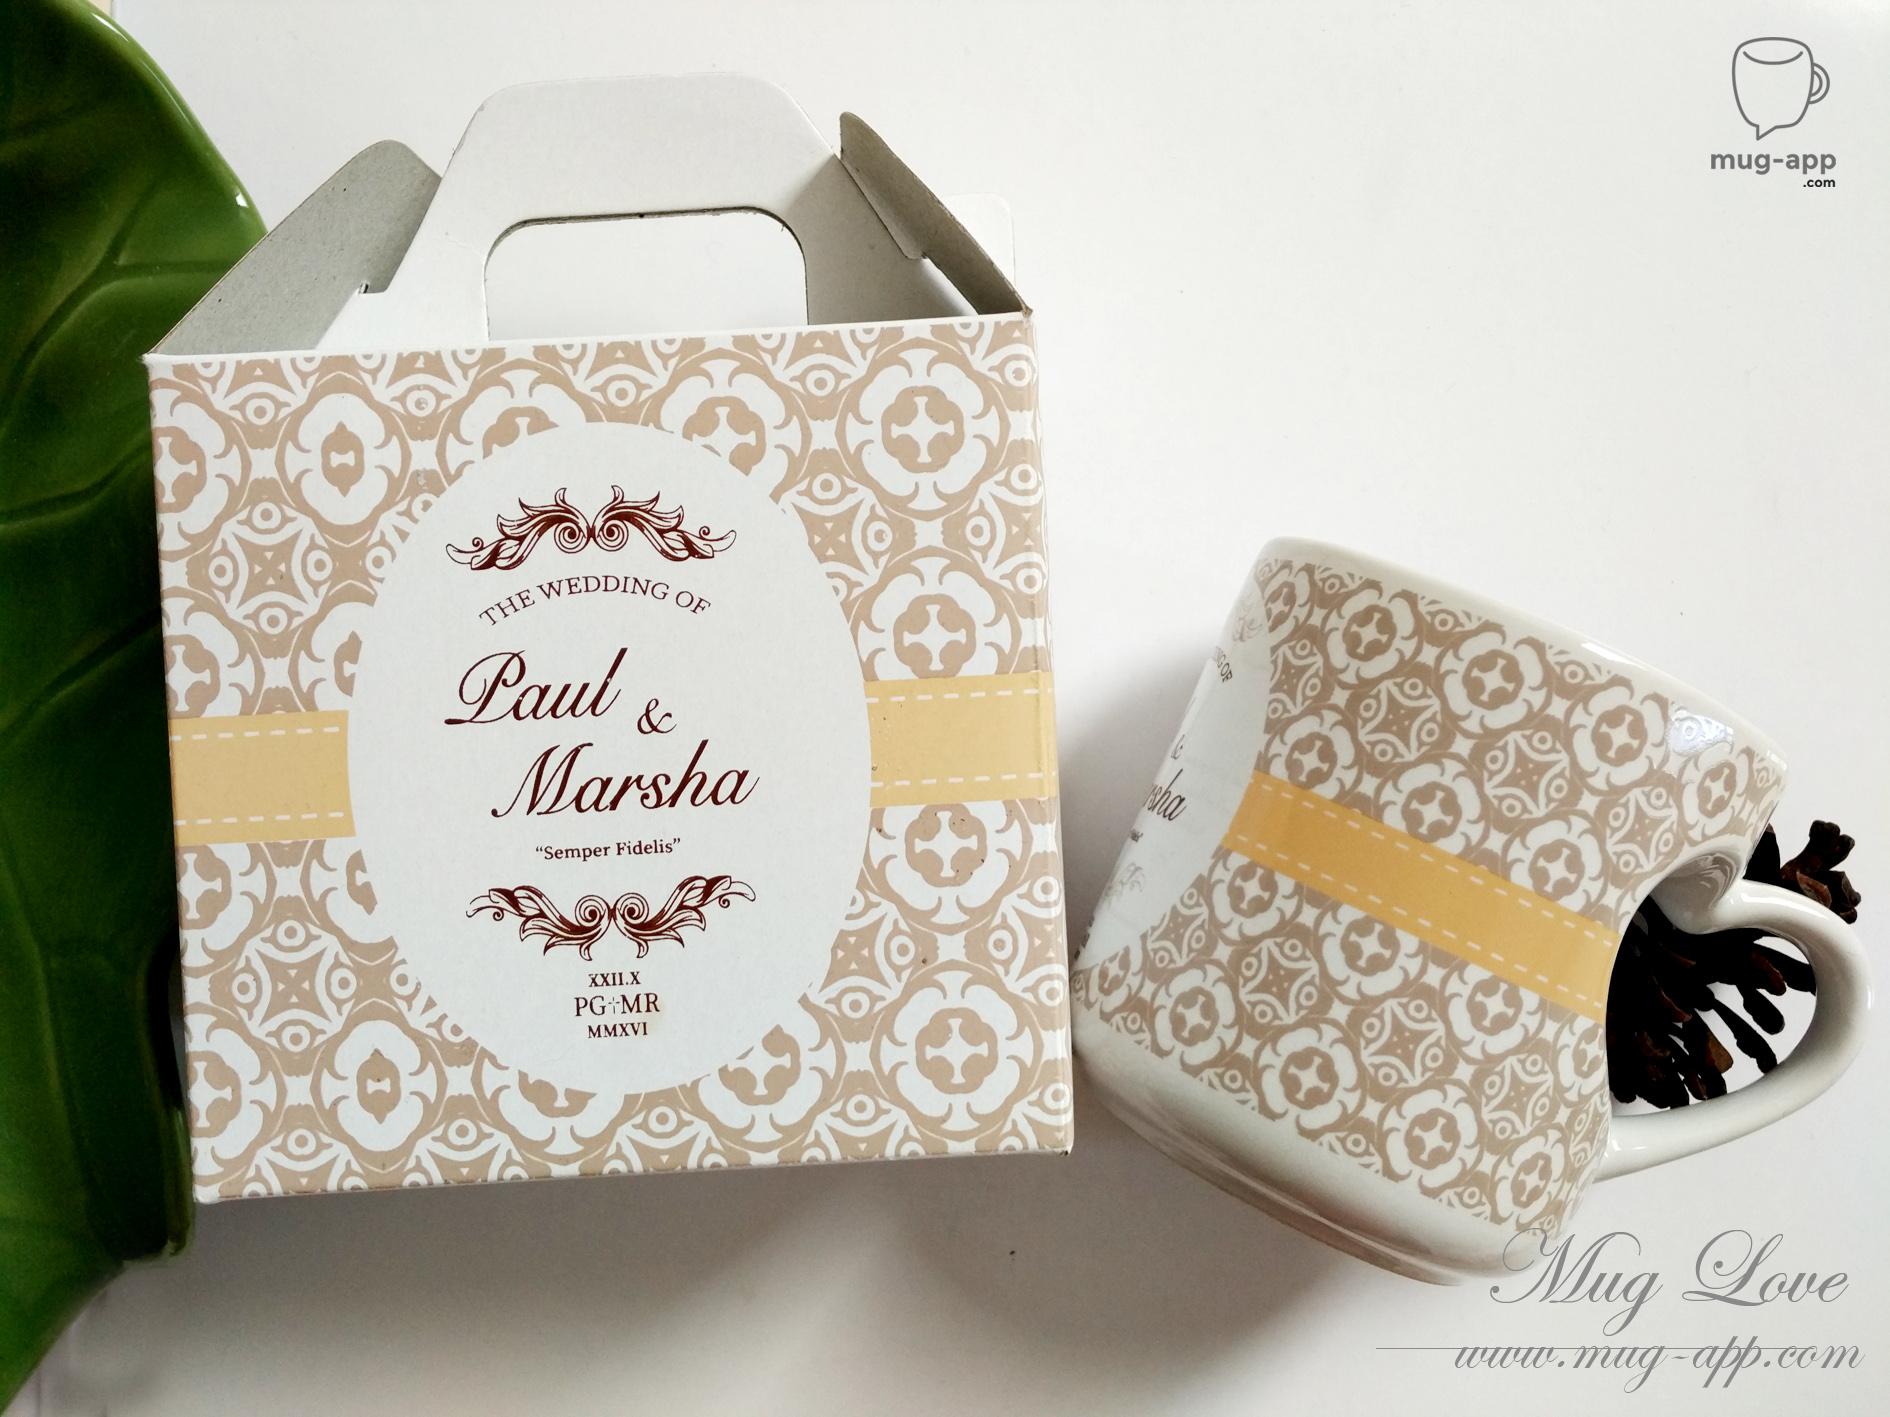 Paul And Marsha Wedding by Mug-App Wedding Souvenir | Bridestory.com